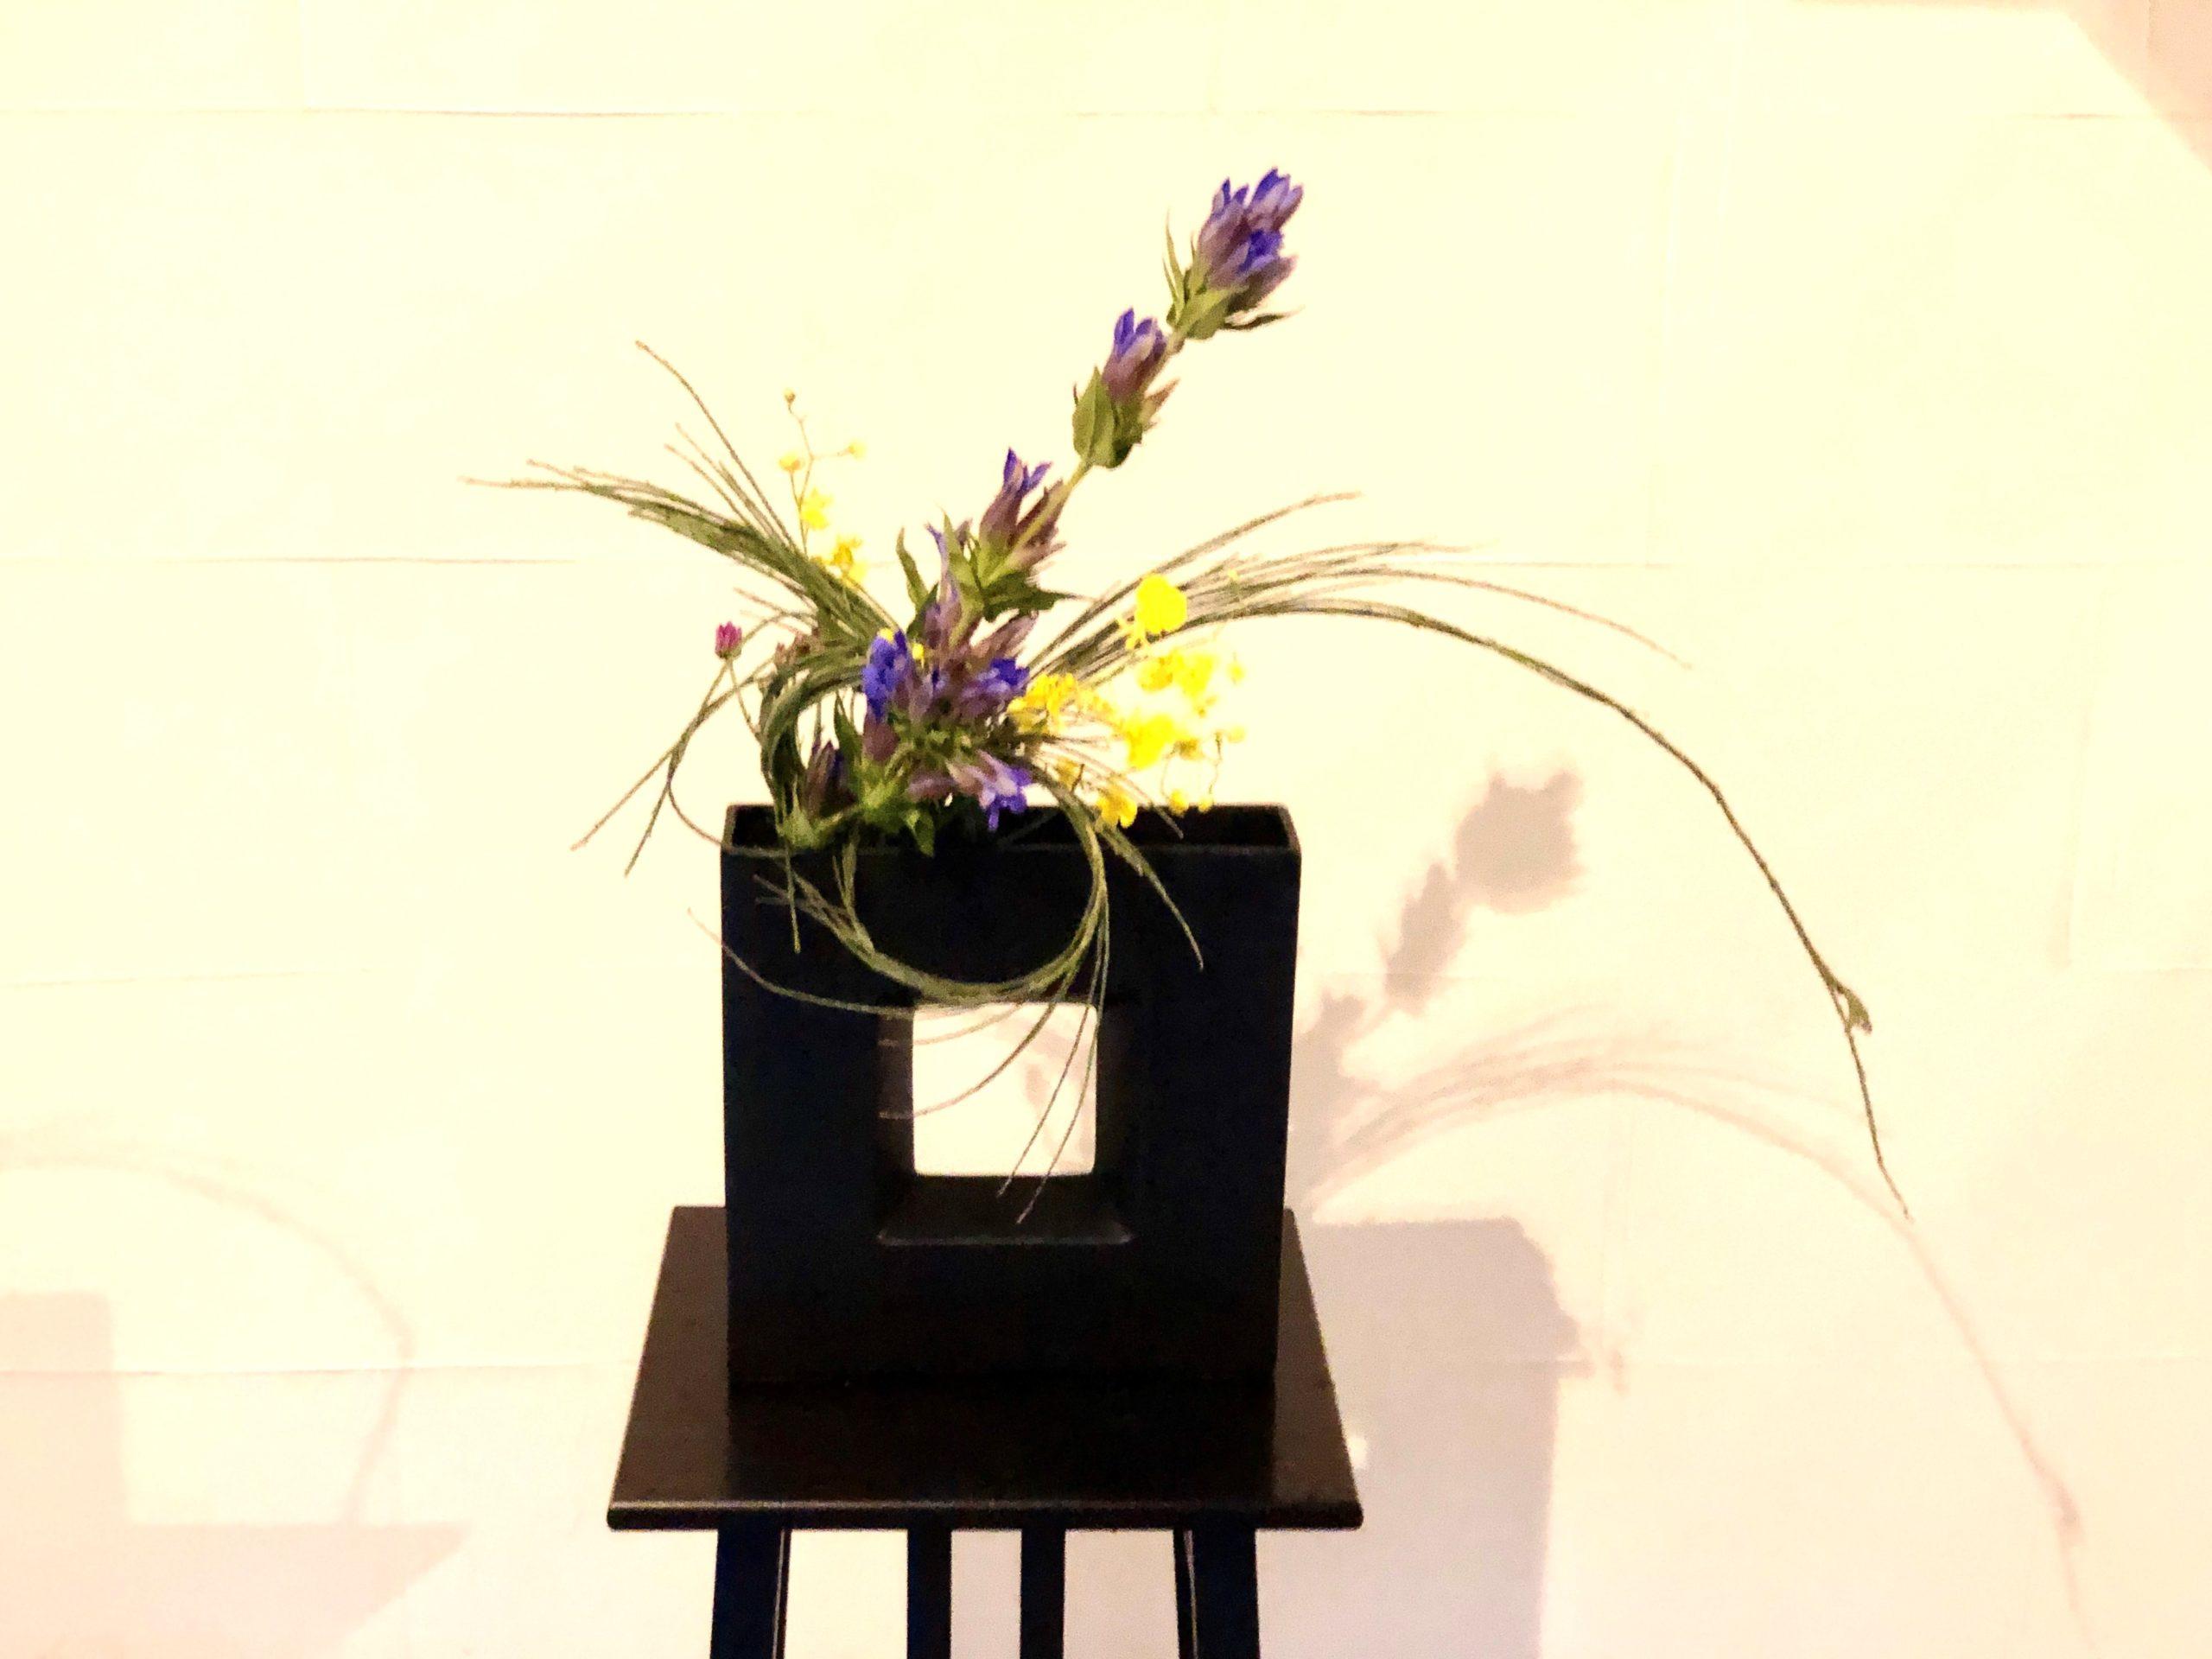 曲線の枝物と直線のお花をつかった生け花